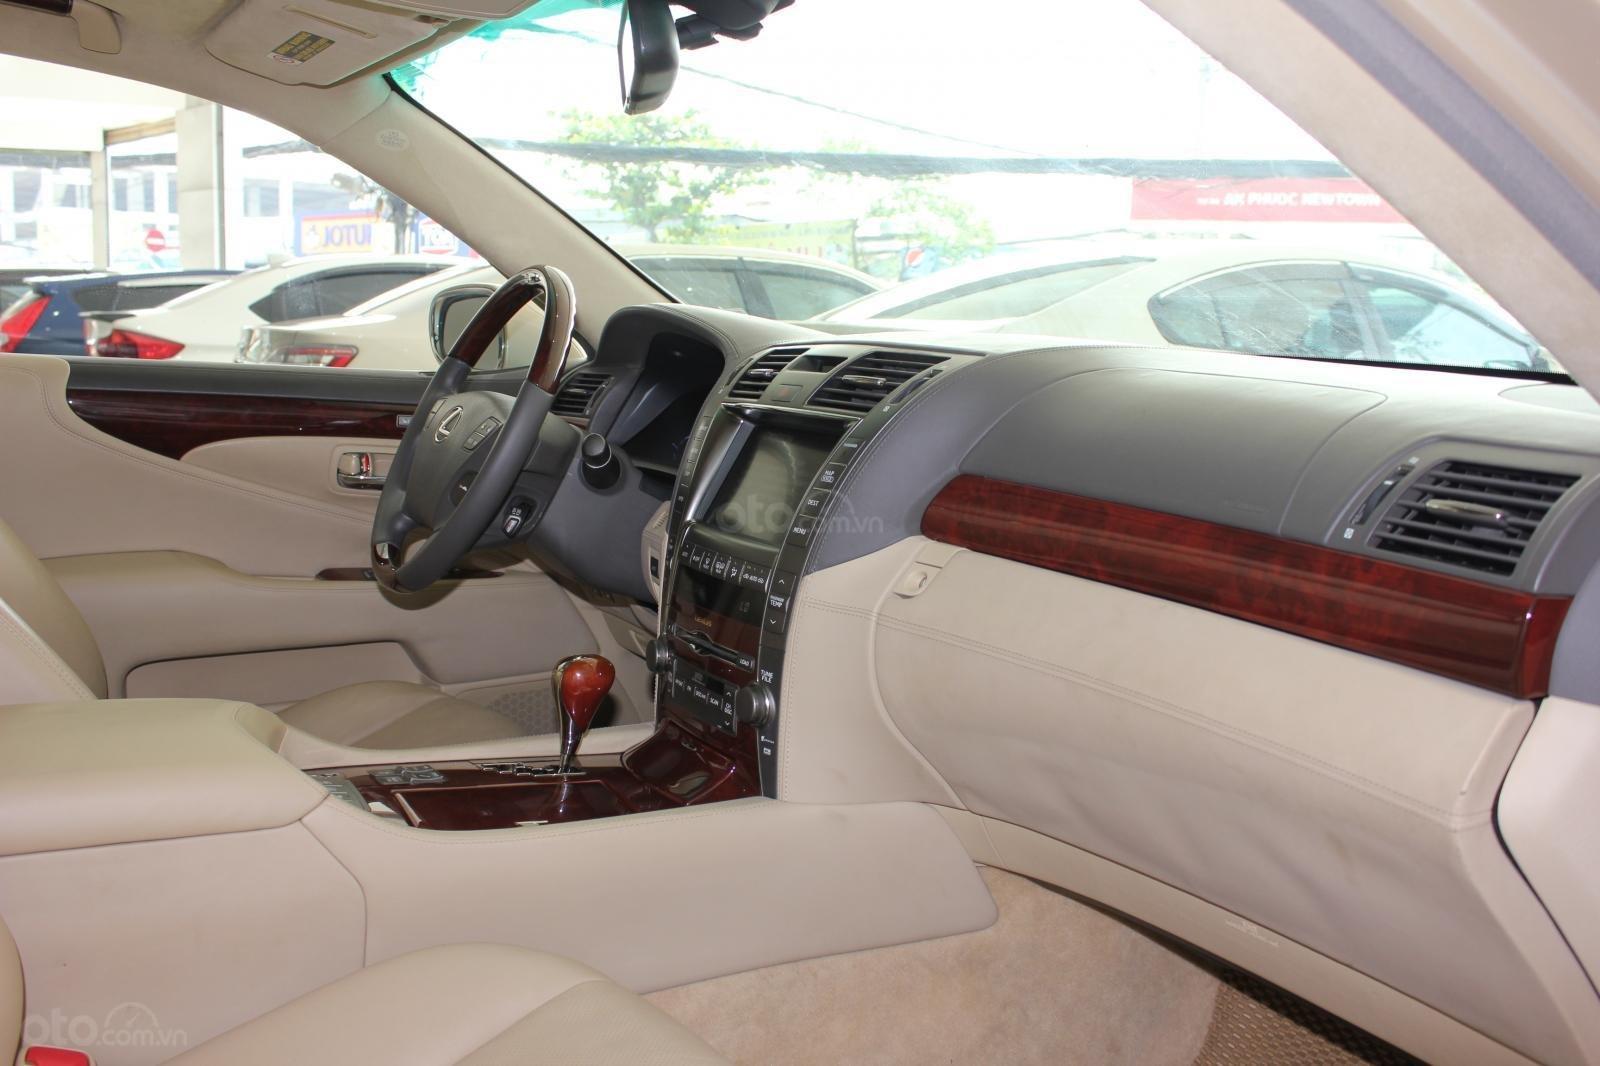 Cần bán xe Lexus LS 600HL 5.0 xăng điện 2008, màu vàng, nhập khẩu (17)